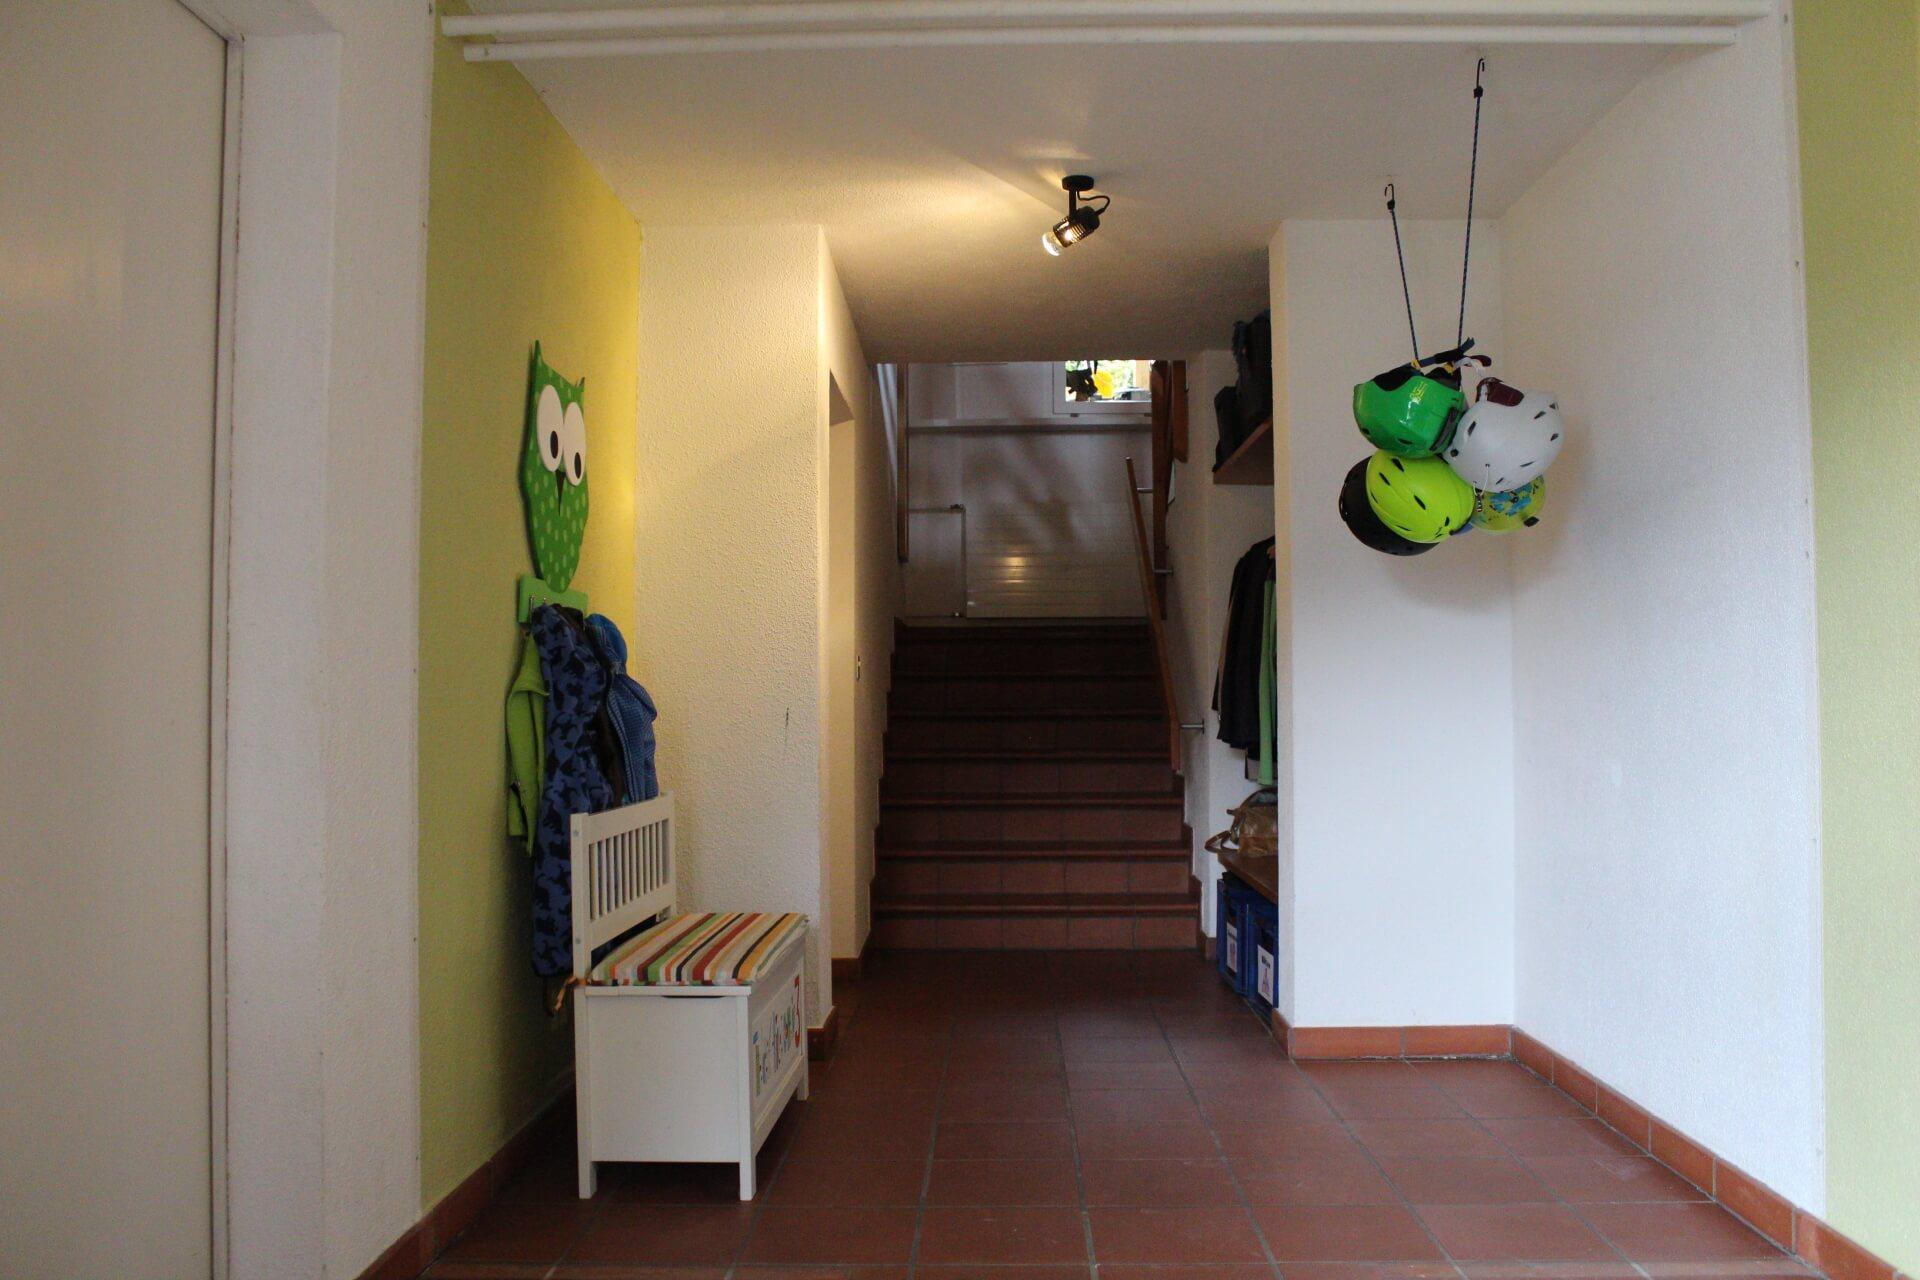 Eingangsbereich im Baustil der 80er Jahre. Ein länglicher, dunkler Raum der mit einer einzelnen Spotleuchte ausgeleuchtet wird, dessen Ende zu einer Treppe führt. Der Boden wie auch die Treppe ist mit dunkelroten Tonplatten von ca. 20x20 cm versehen. Die Fugen zwischen den Platten sind 1 cm breit und bilden so ein quadratisches Raster über den ganzen Fussboden. Die Wände wie auch die Decke sind mit körnigem Abrieb verspachtelt. Auf der linken Seite erkennt man eine geschlossene Tür. Weiter über die linke Seite, befindet sich eine gelbliche Wand, an der eine Tafel, in der Form einer grünen Eule, befestigt ist. Diese dient mit ihren sechs Hacken als Garderobe und ist mit Kinderjacken behangen. Unter der Eulengarderobe steht eine längliche, weisse und fast kniehohe Truhe, die als Sitzbank dient. Gegenüberliegend befindet sich eine weisse Wand. Vor dieser hängen sechs Skihelme, die an einem Seil befestigt wurden, von der Decke. Weiter den Gang entlang Richtung Treppe erkennt man auf der rechten Seite eine offen gestaltete Garderobe. Am Ende des Raumes angekommen, führt eine Treppe mit sieben Stufen, auf ein Zwischenpodest.